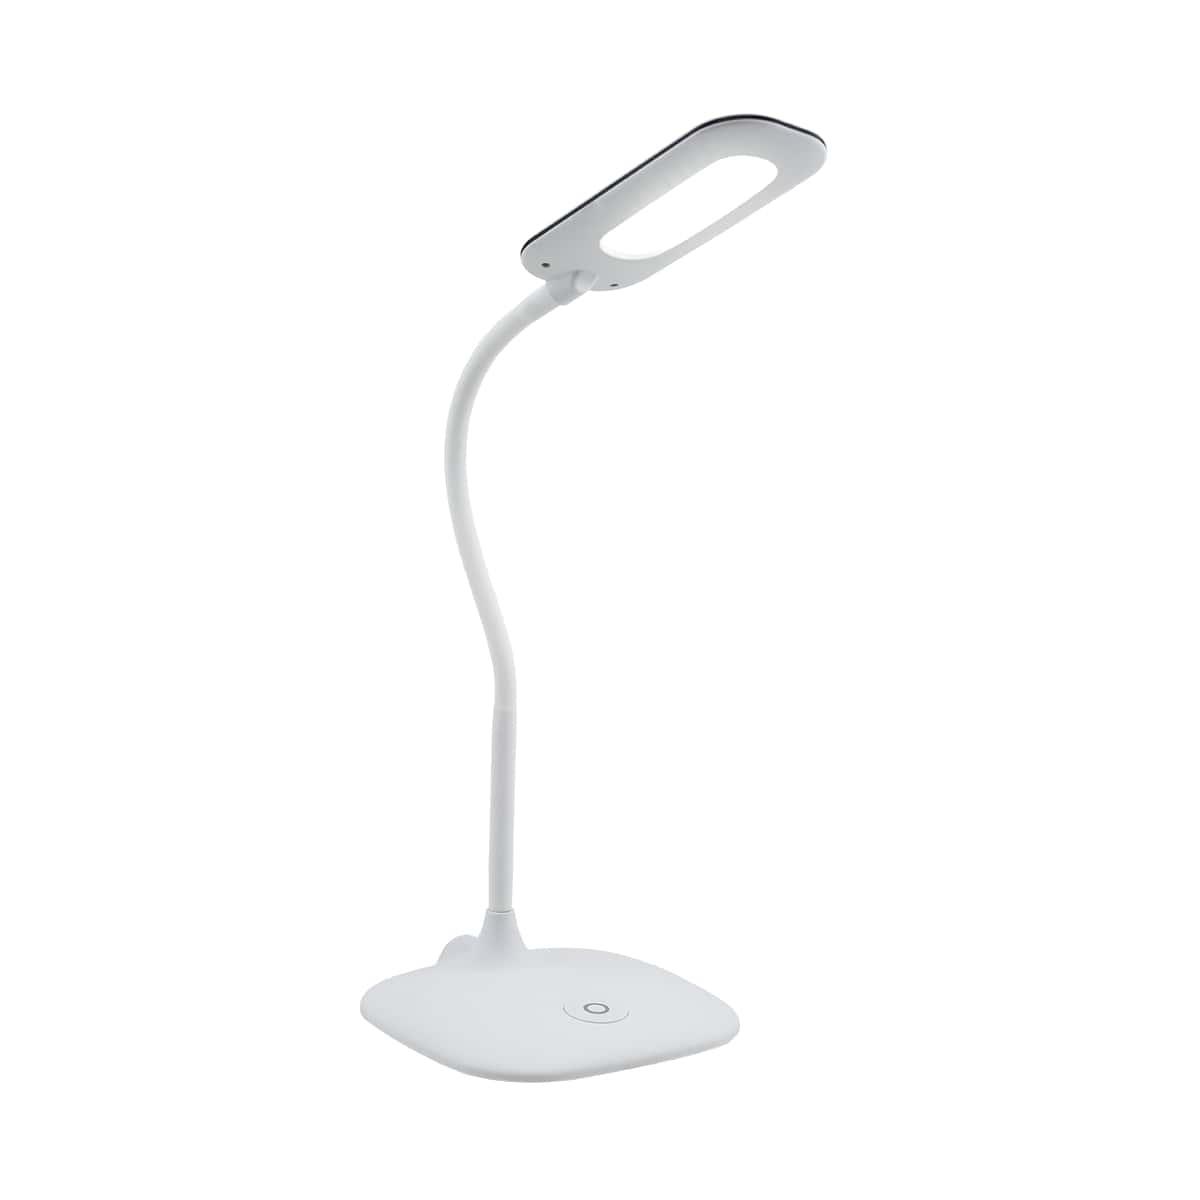 Настольный светильник Artstyle TL-319W, белый artstyle tl 315w